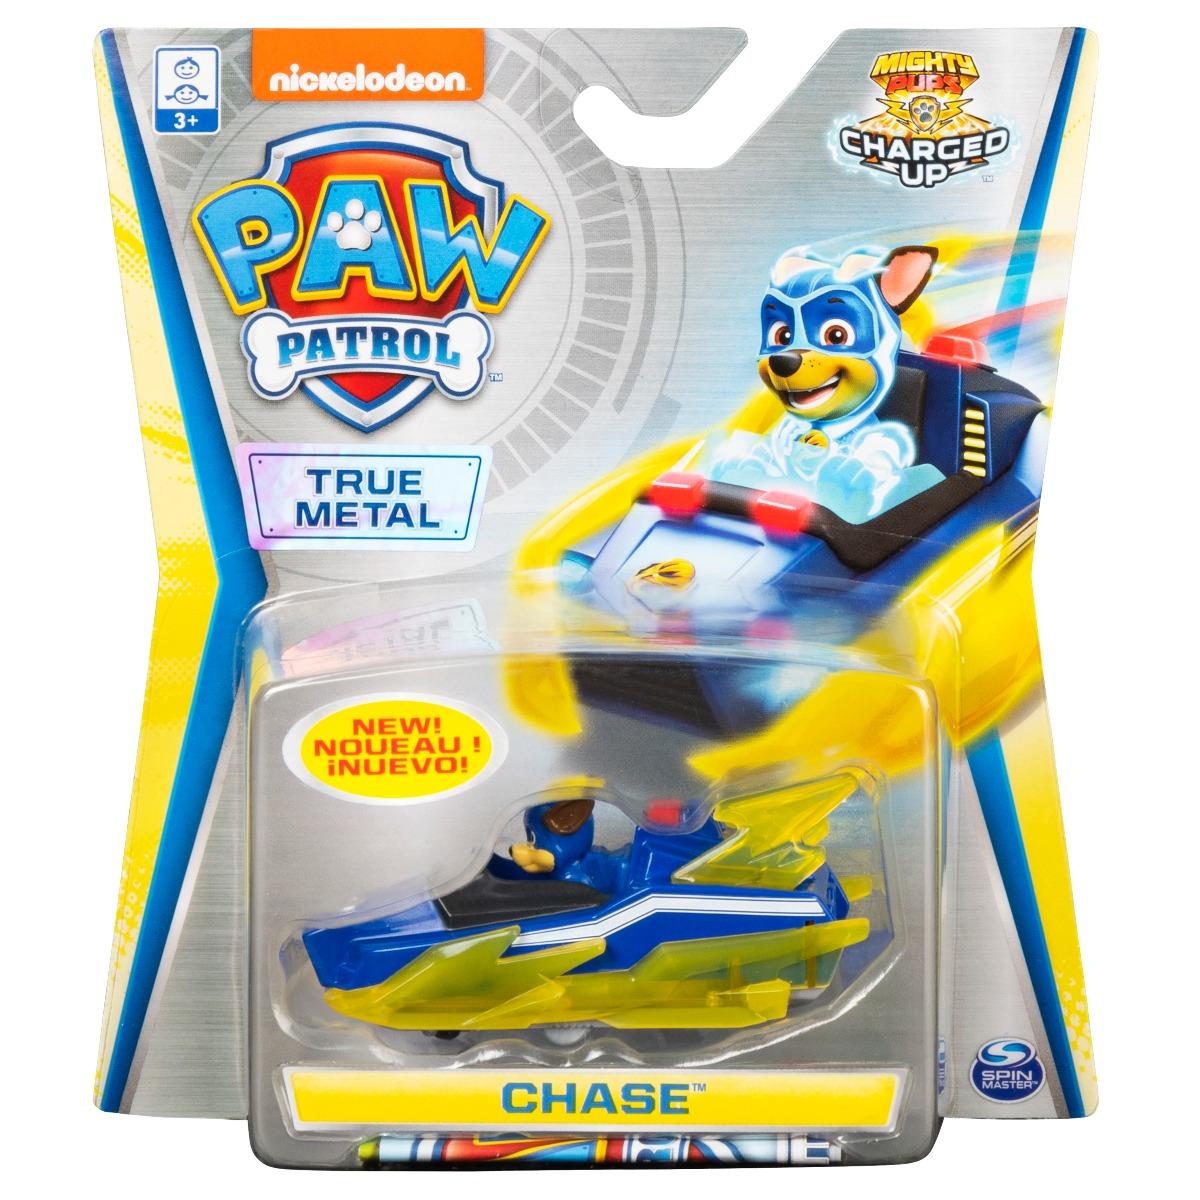 Masinuta cu figurina Paw Patrol True Metal, Chase 20121350